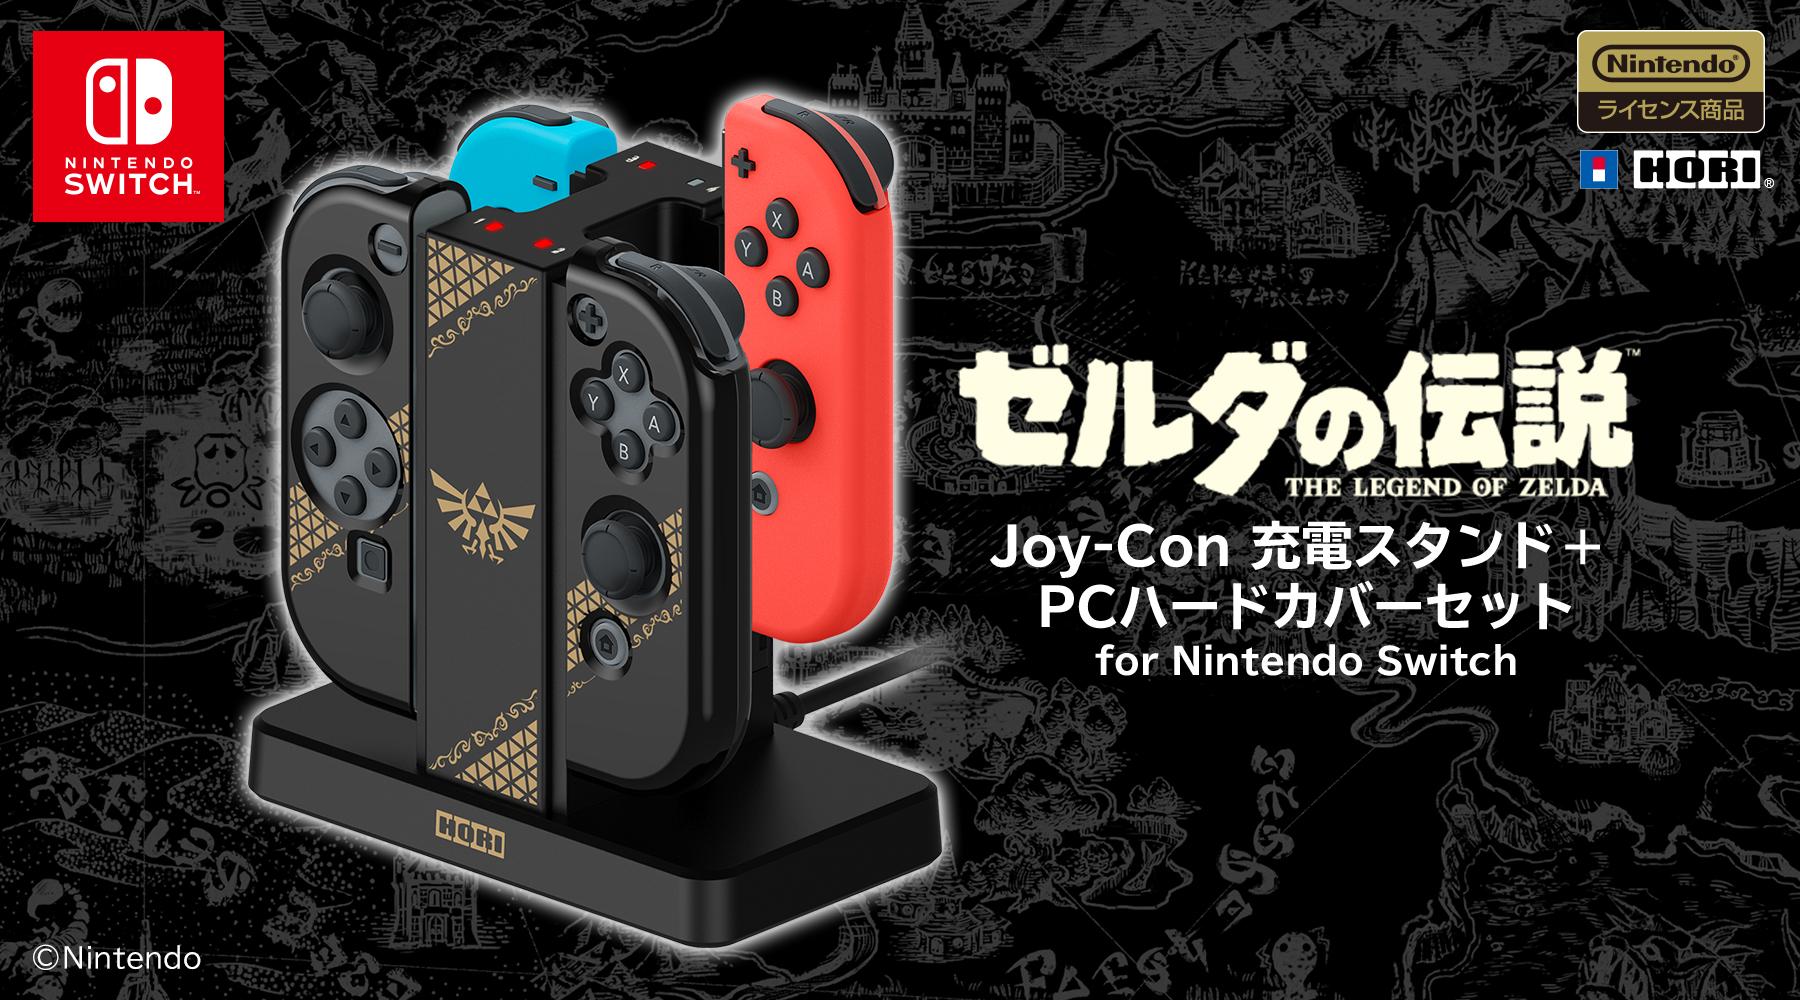 ゼルダの伝説 Joy-Con 充電スタンド+PCハードカバーセット for Nintendo Switch が登場!